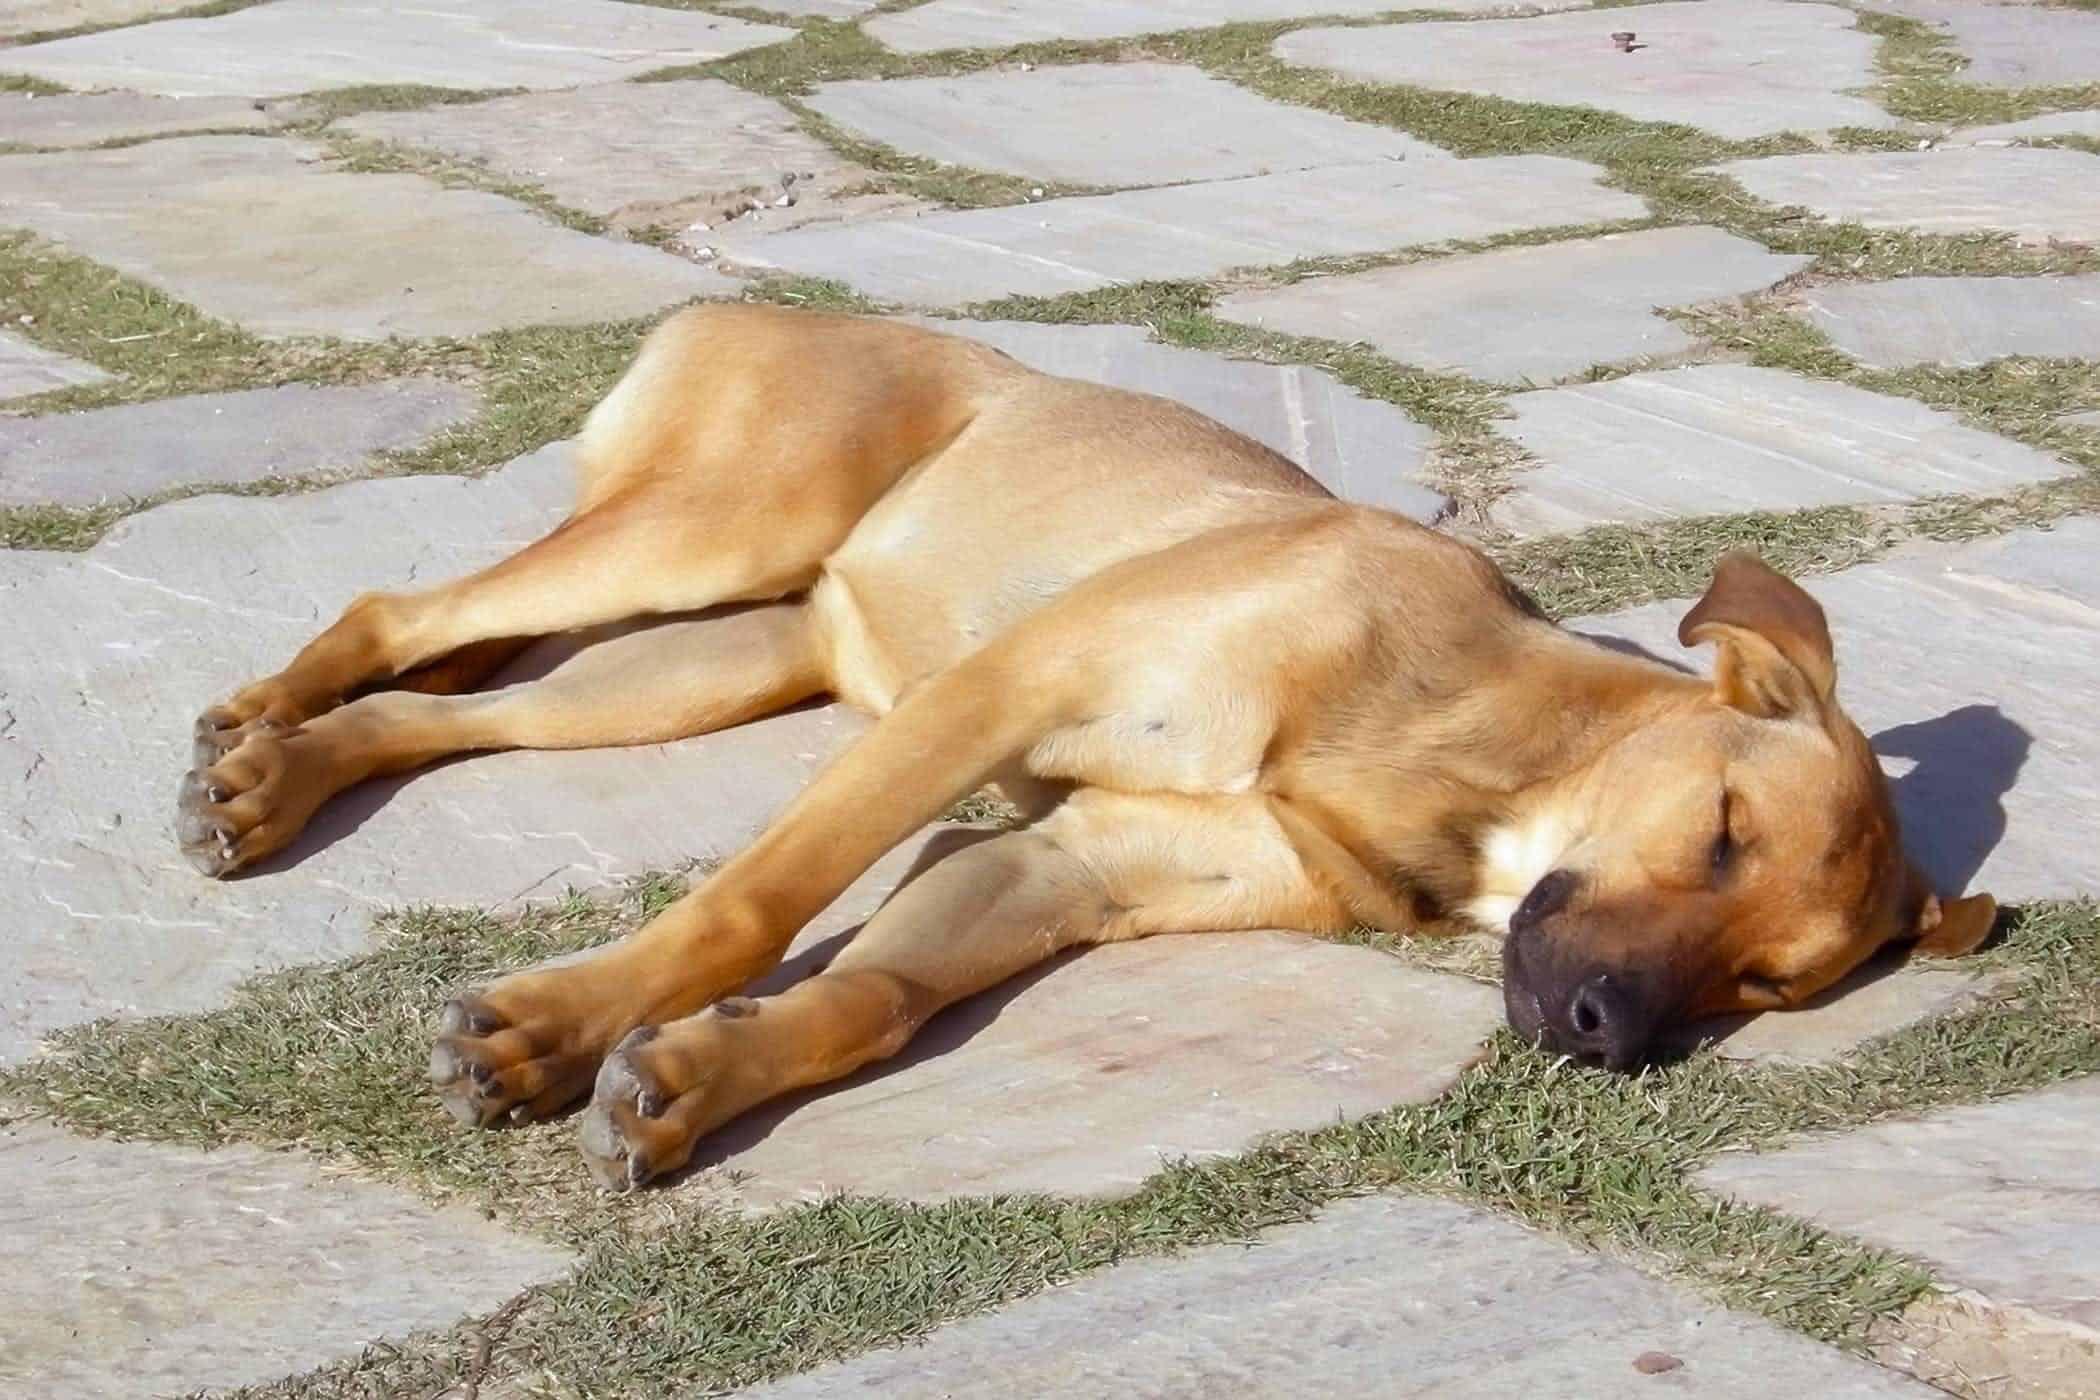 θερμοπληξία σκύλου συμπτώματα